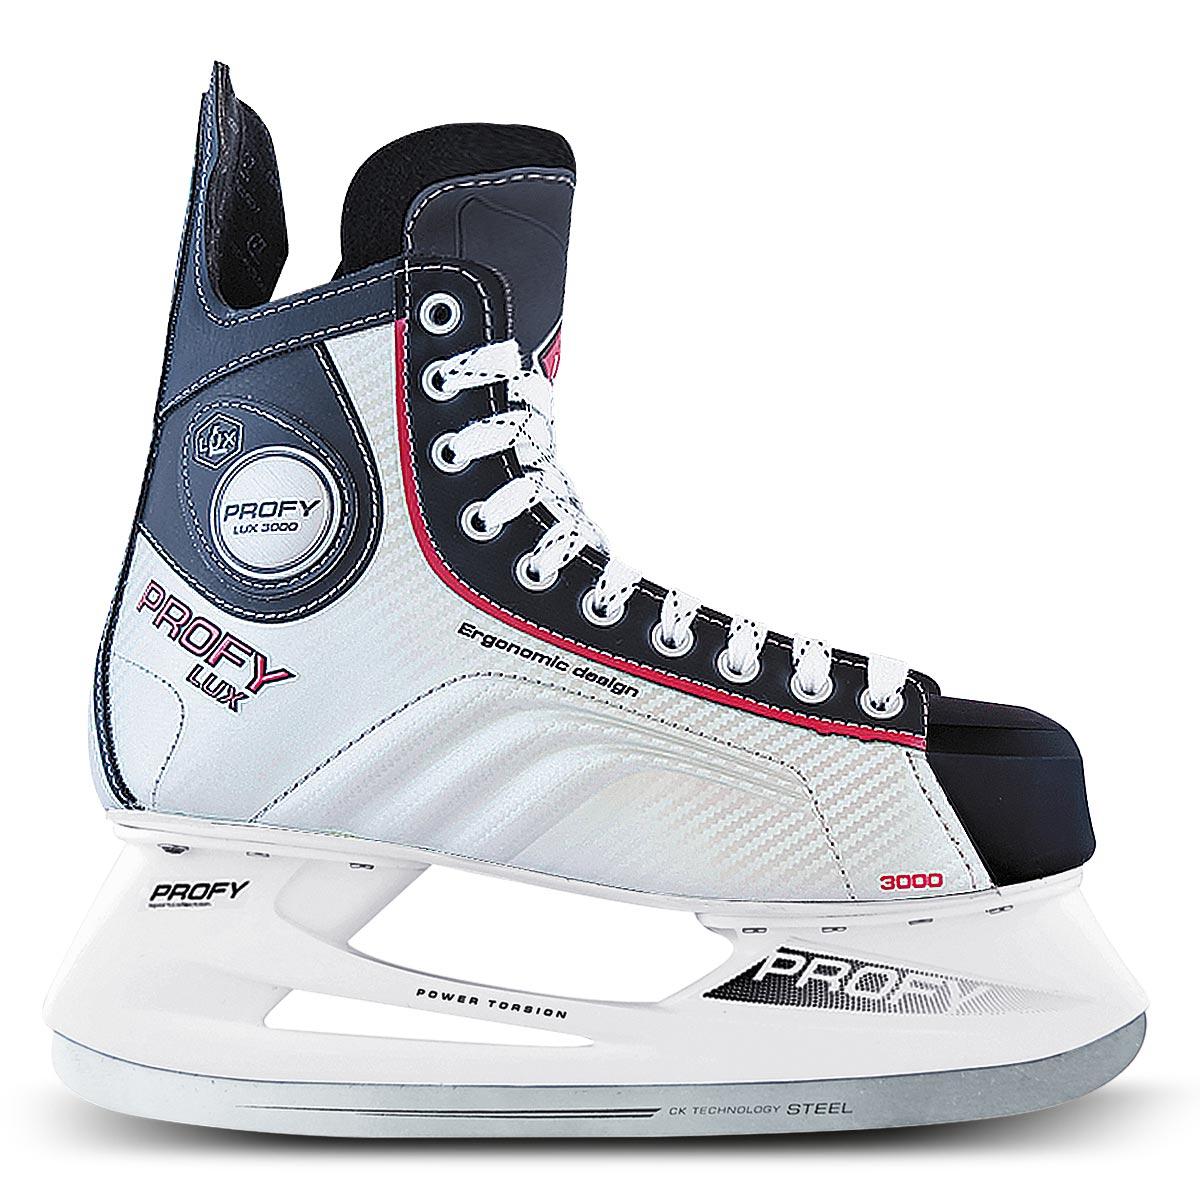 Коньки хоккейные мужские СК Profy Lux 3000, цвет: черный, серебряный, красный. Размер 44 PROFY LUX 3000 Red_44